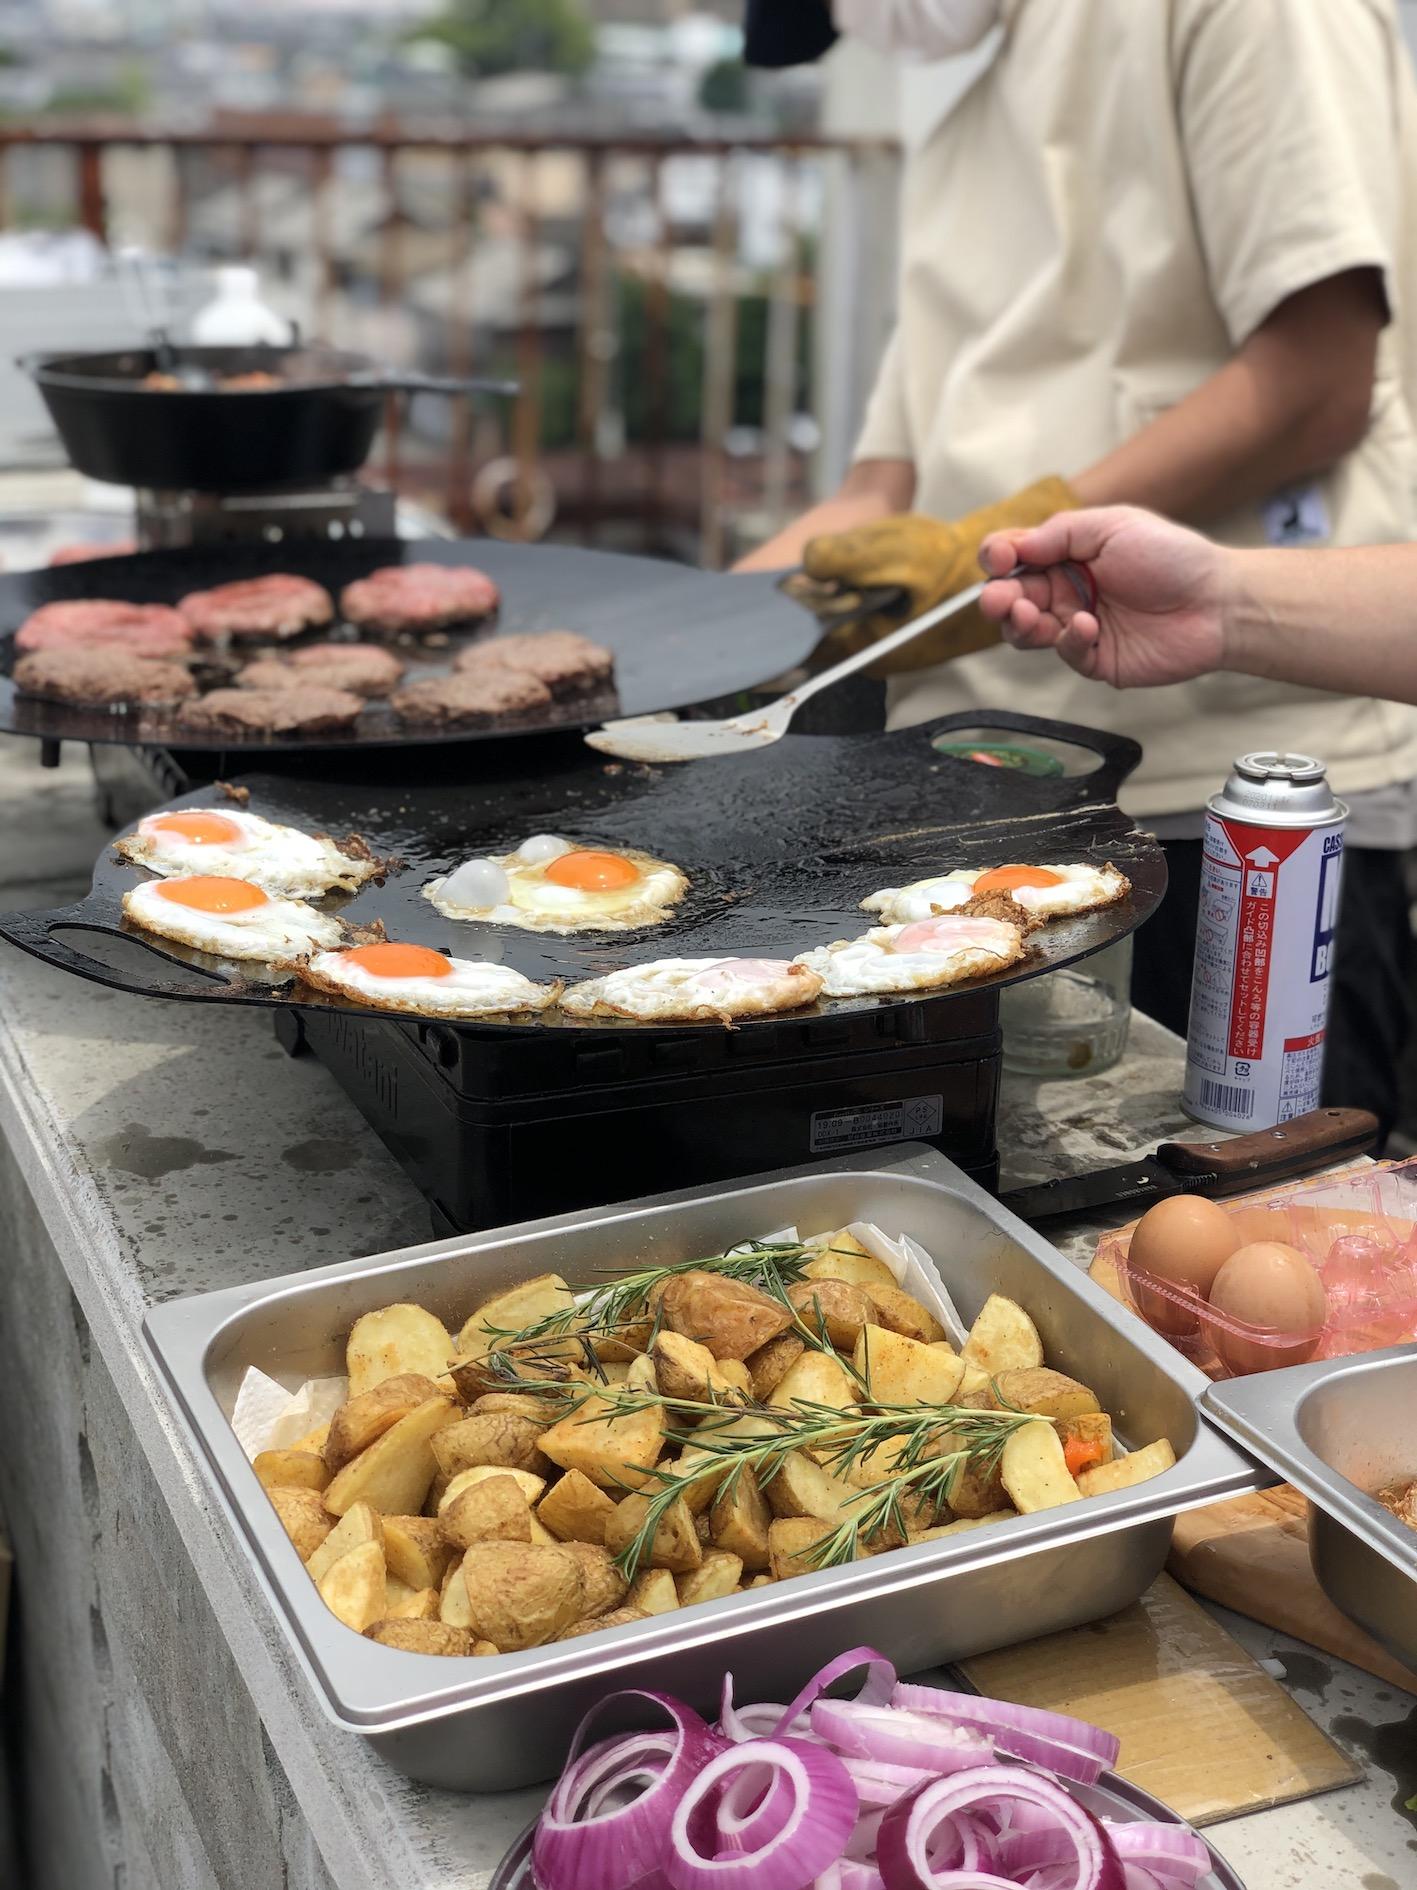 料理をする人  低い精度で自動的に生成された説明